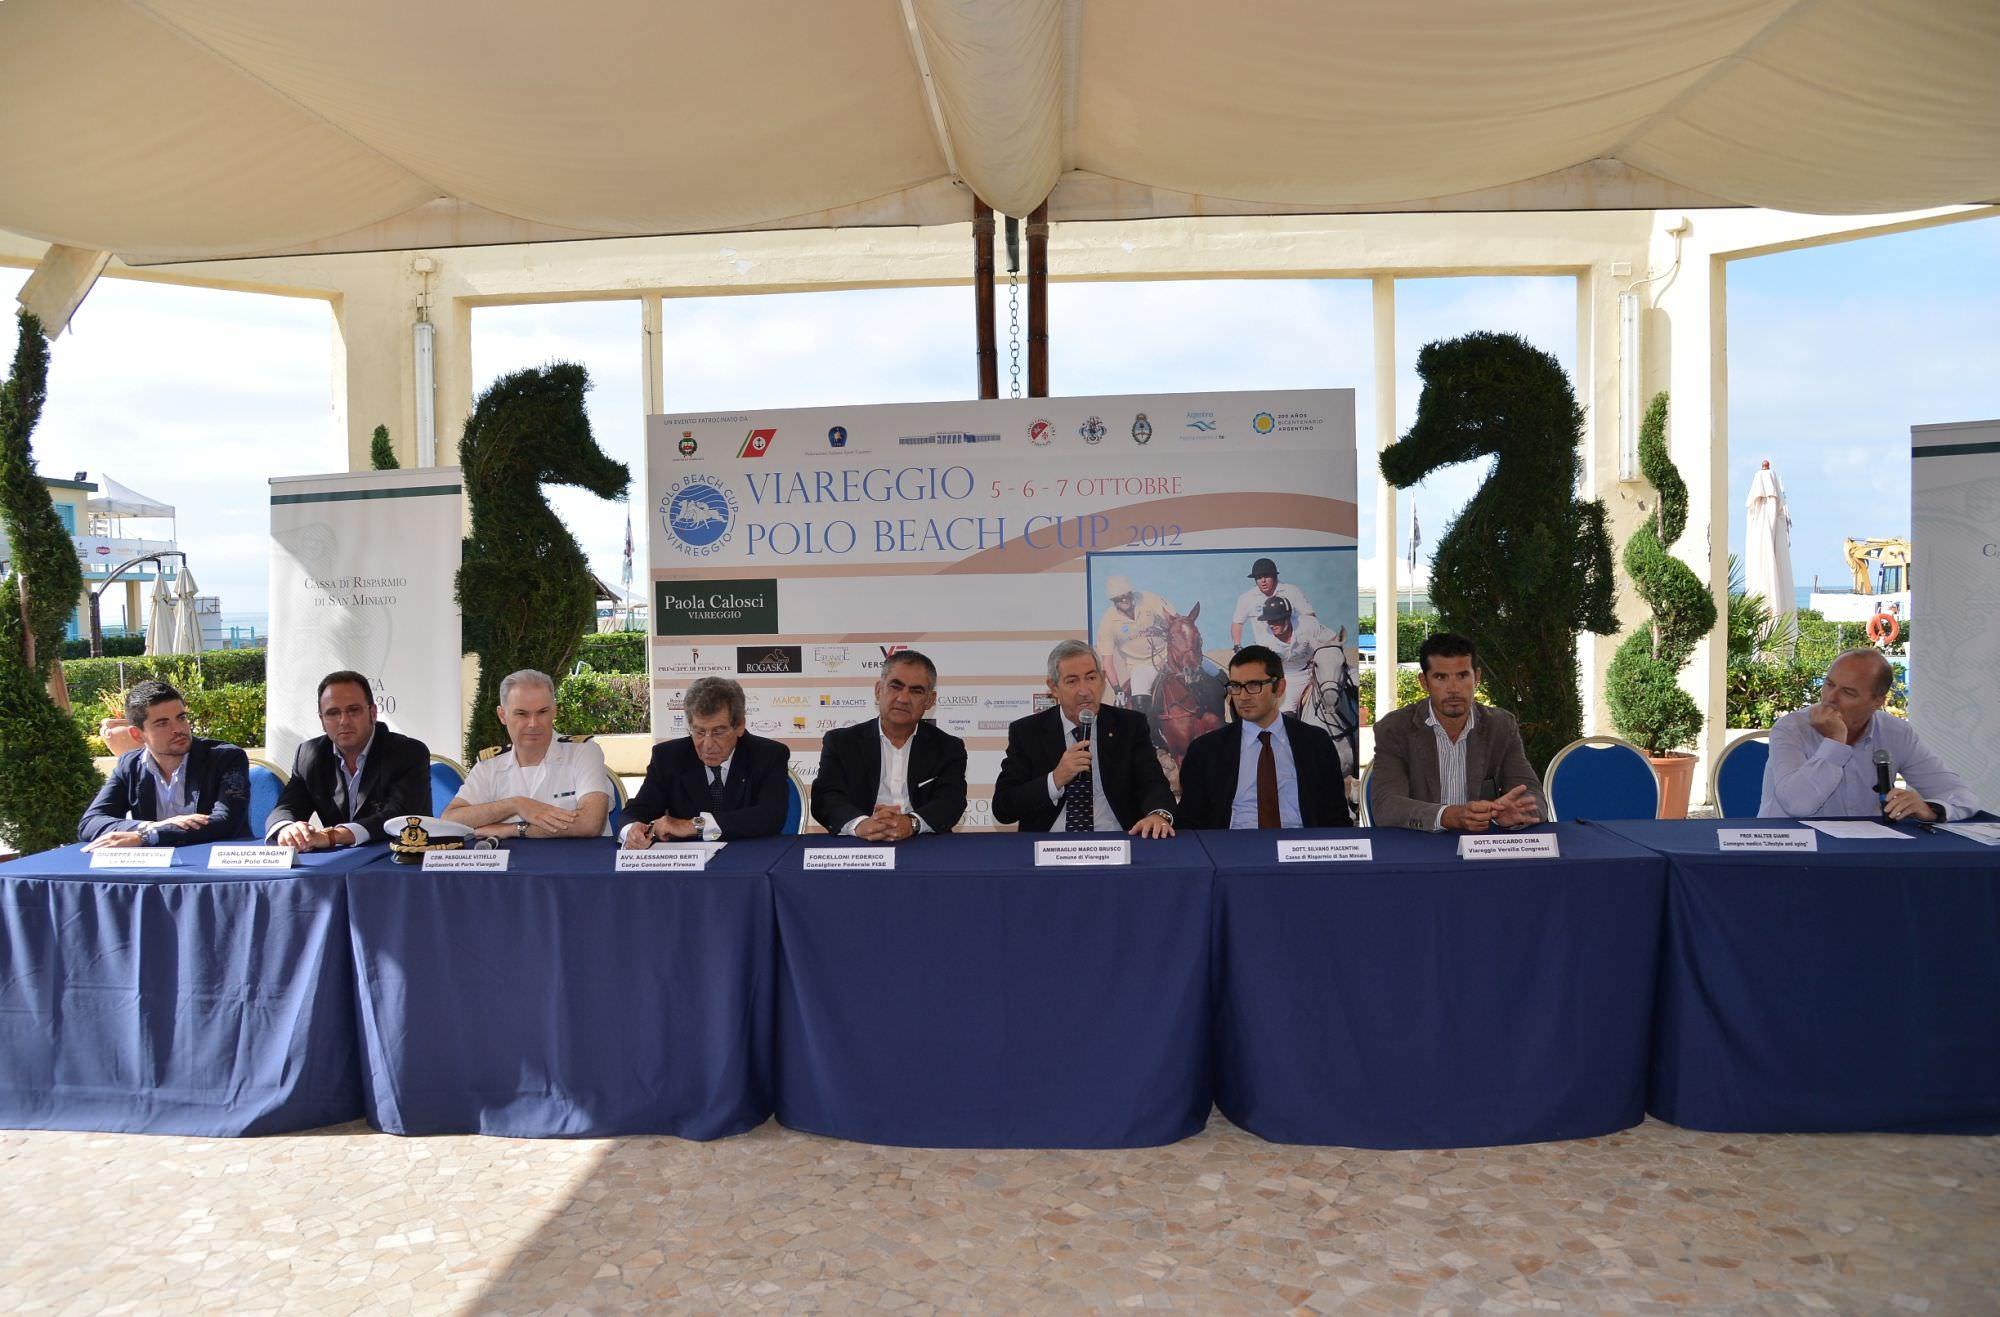 """TUTTO PRONTO AL PRINCIPE DI PIEMONTE PER LA """"VIAREGGIO BEACH POLO CUP"""""""